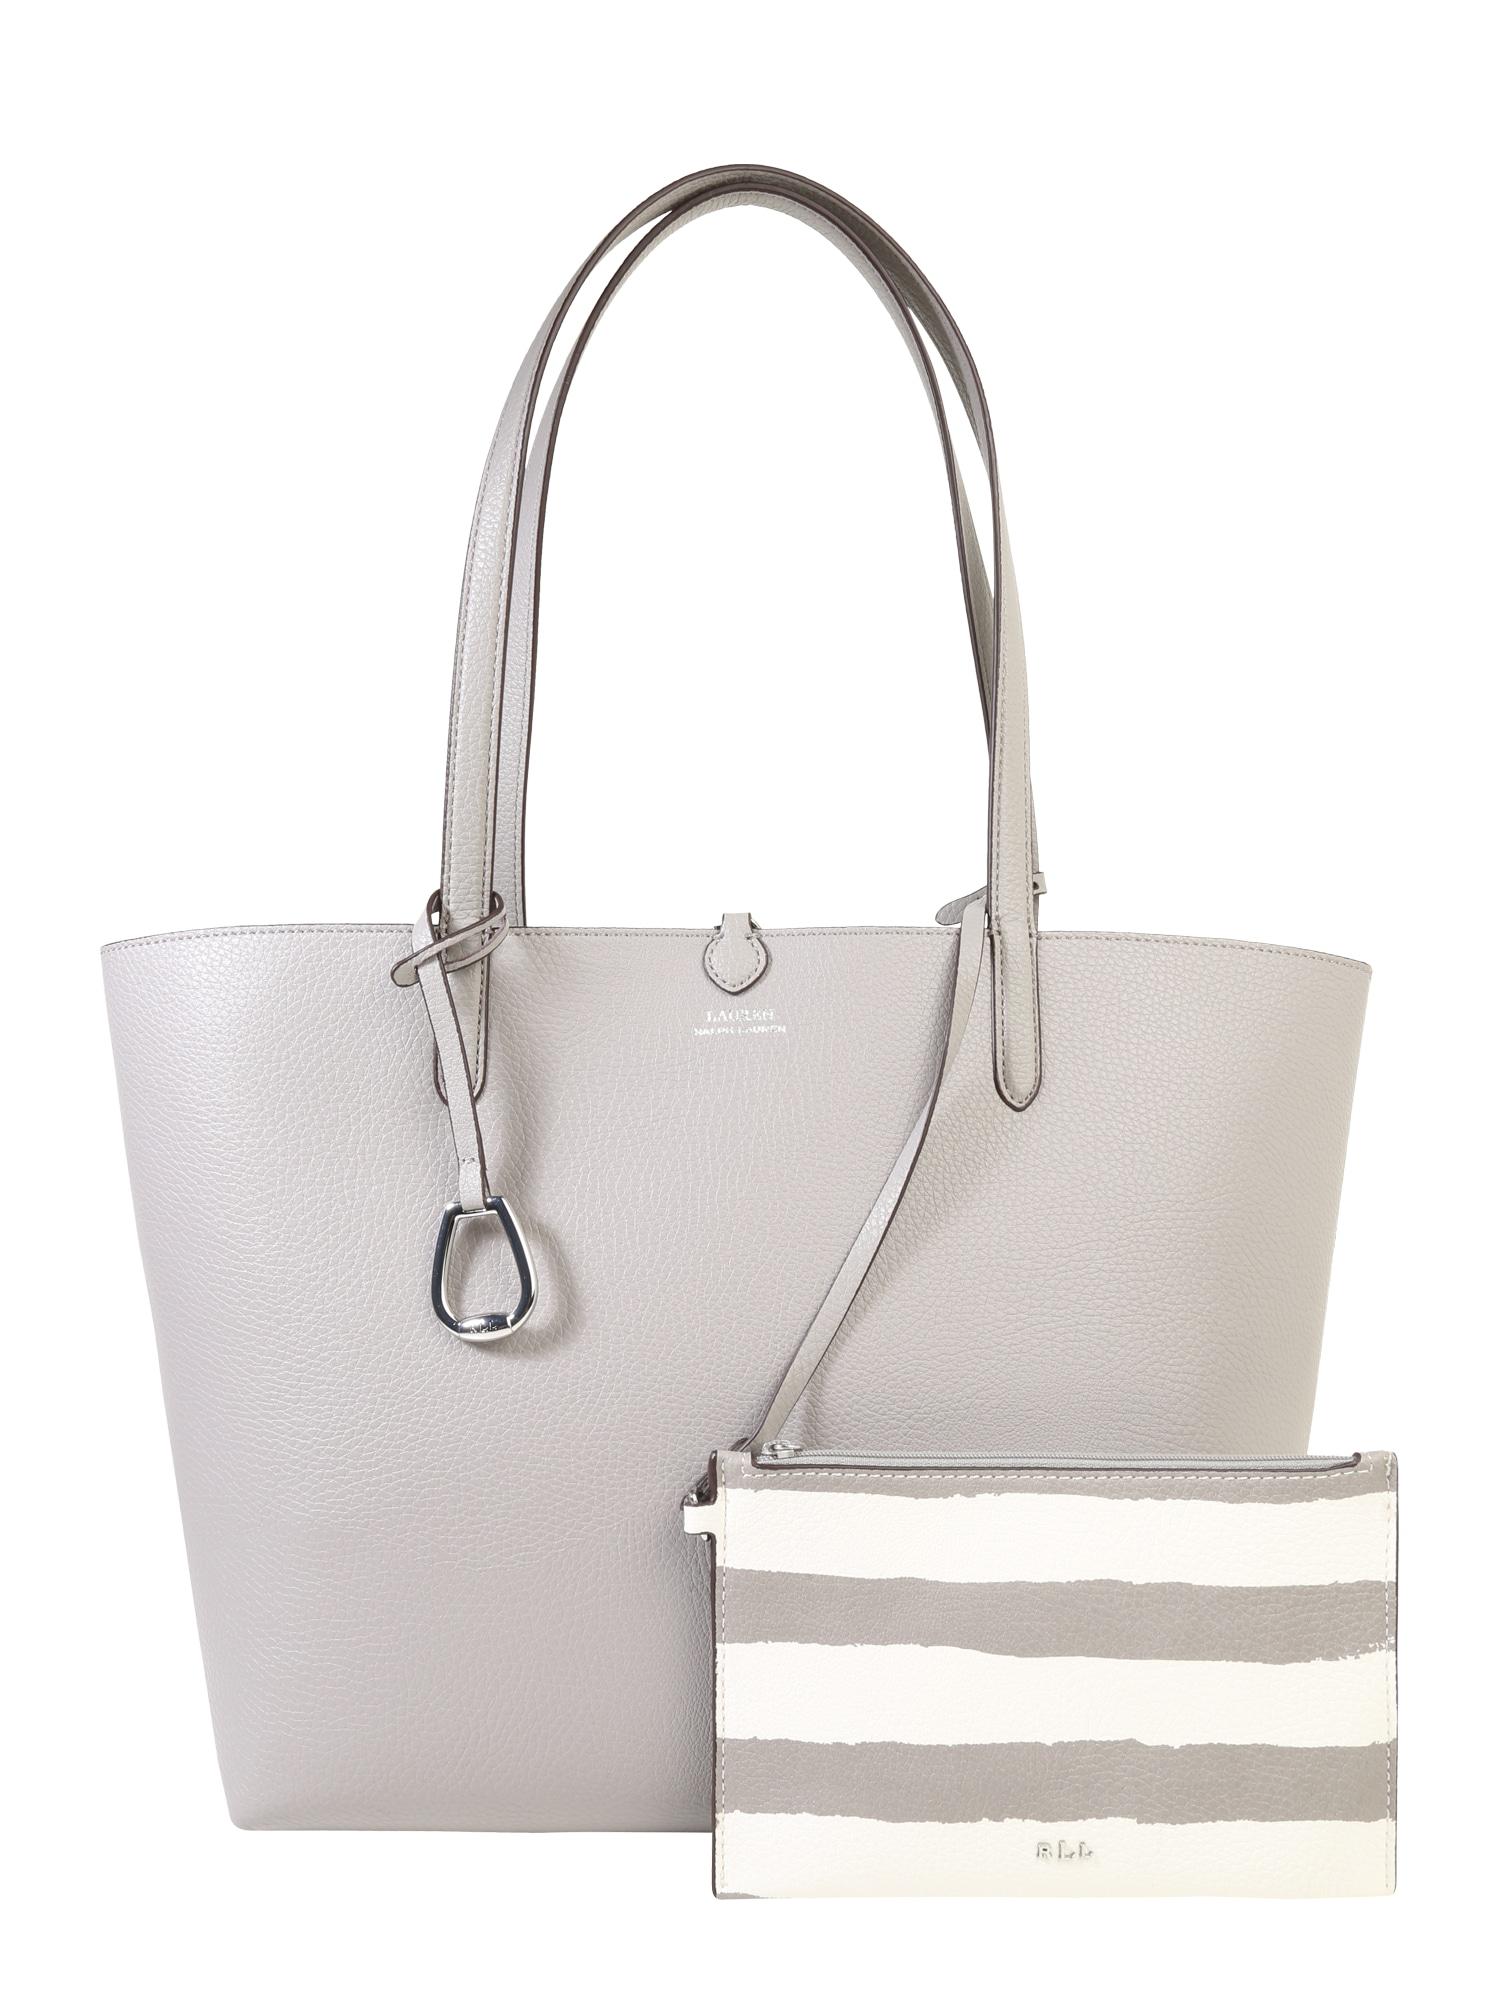 Nákupní taška RVRSBLE TOTE-TOTE světle šedá Lauren Ralph Lauren